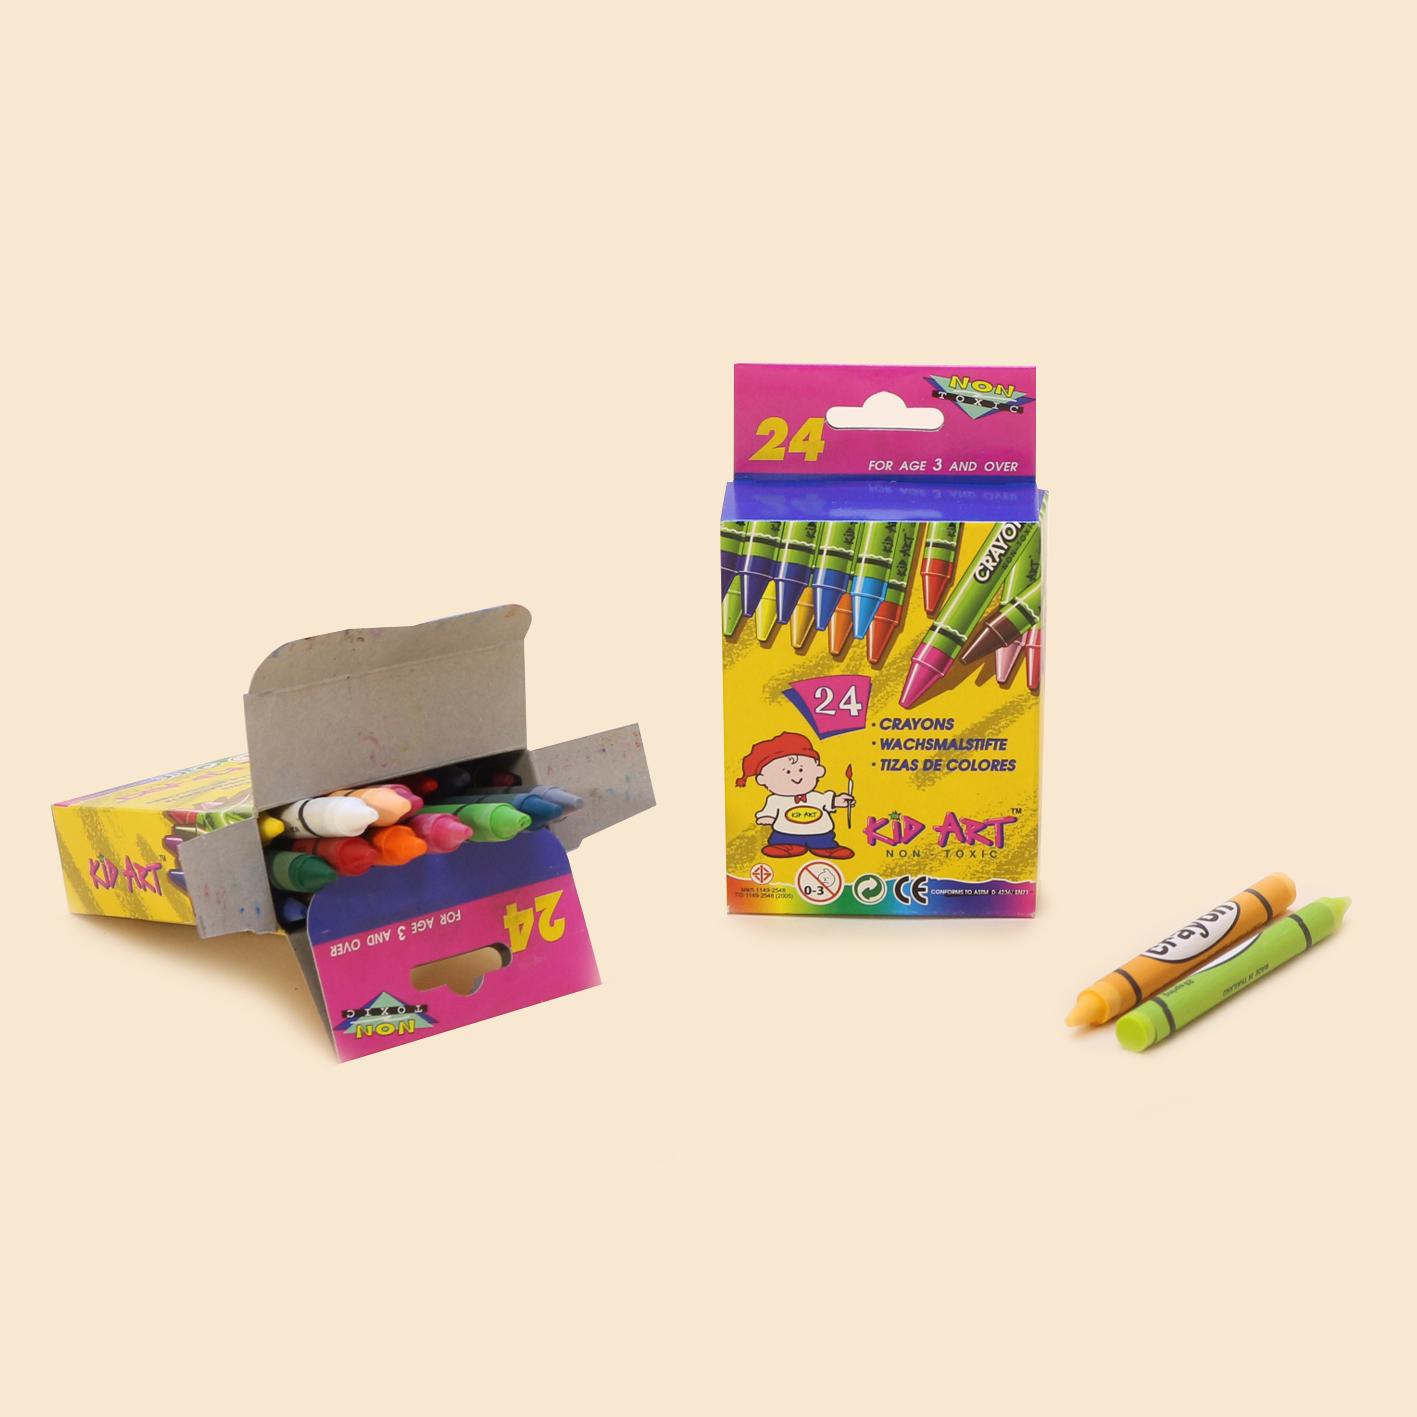 Bút sáp màu 24 cây - Crayons